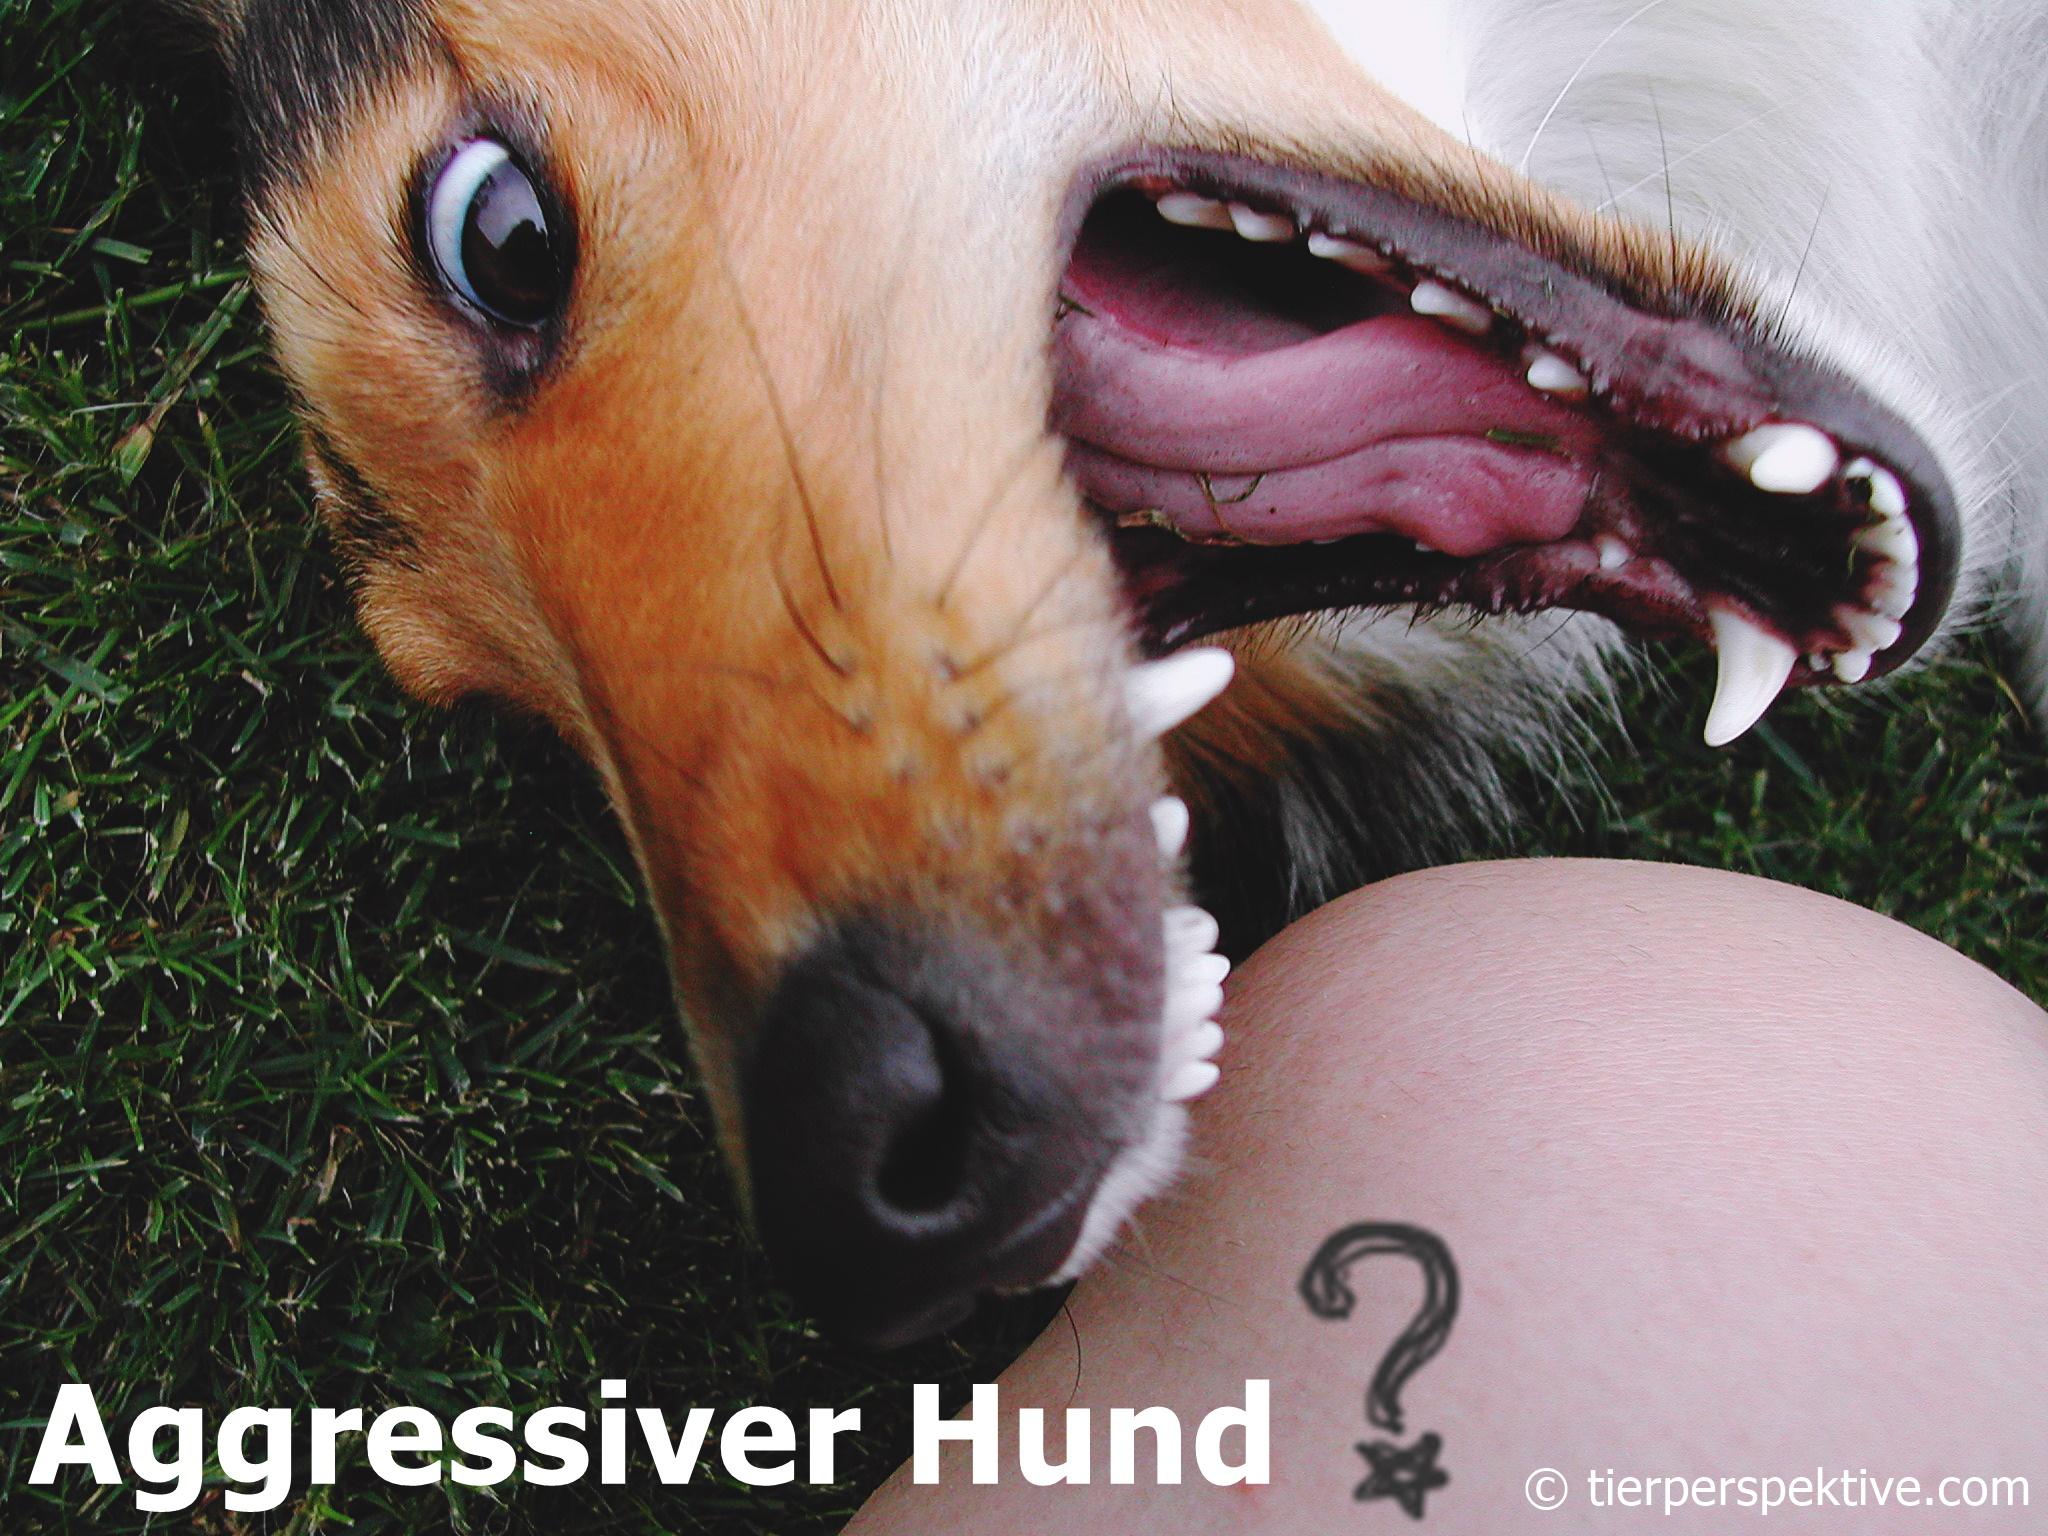 aggression hund ursachen erkennen verhalten verstehen richtig reagieren